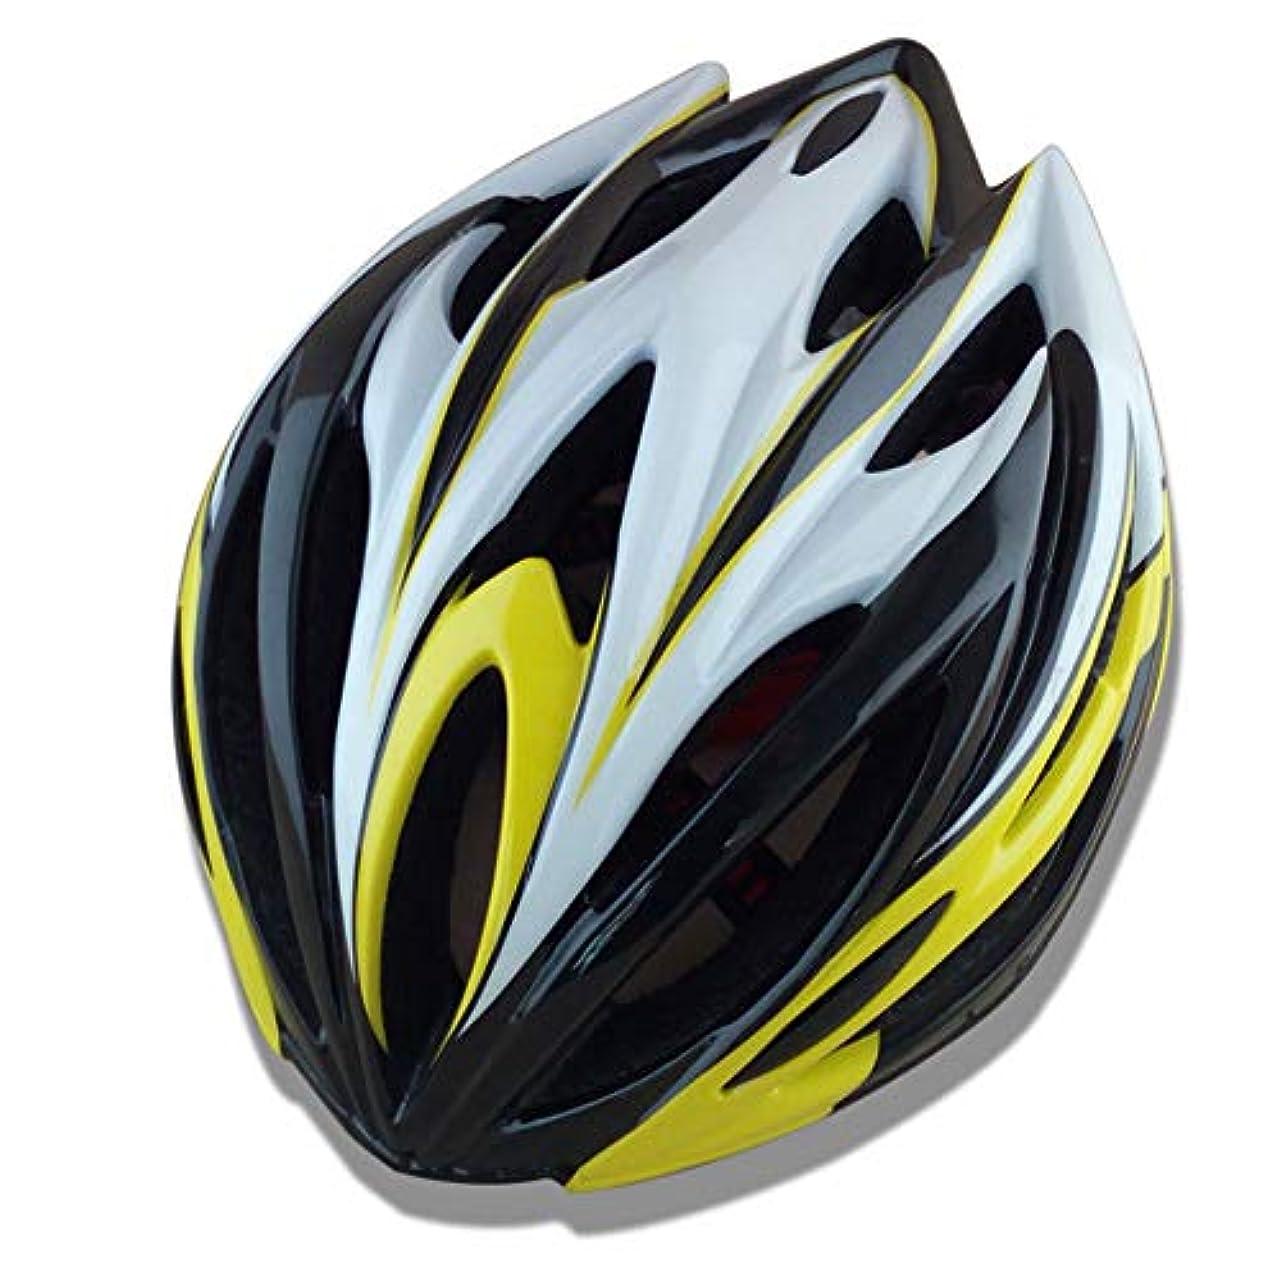 にはまってコンバーチブル略語サイクリングヘルメット一体成形自転車スケートボードスケートスケート保護ギアヘルメット58-60 cm